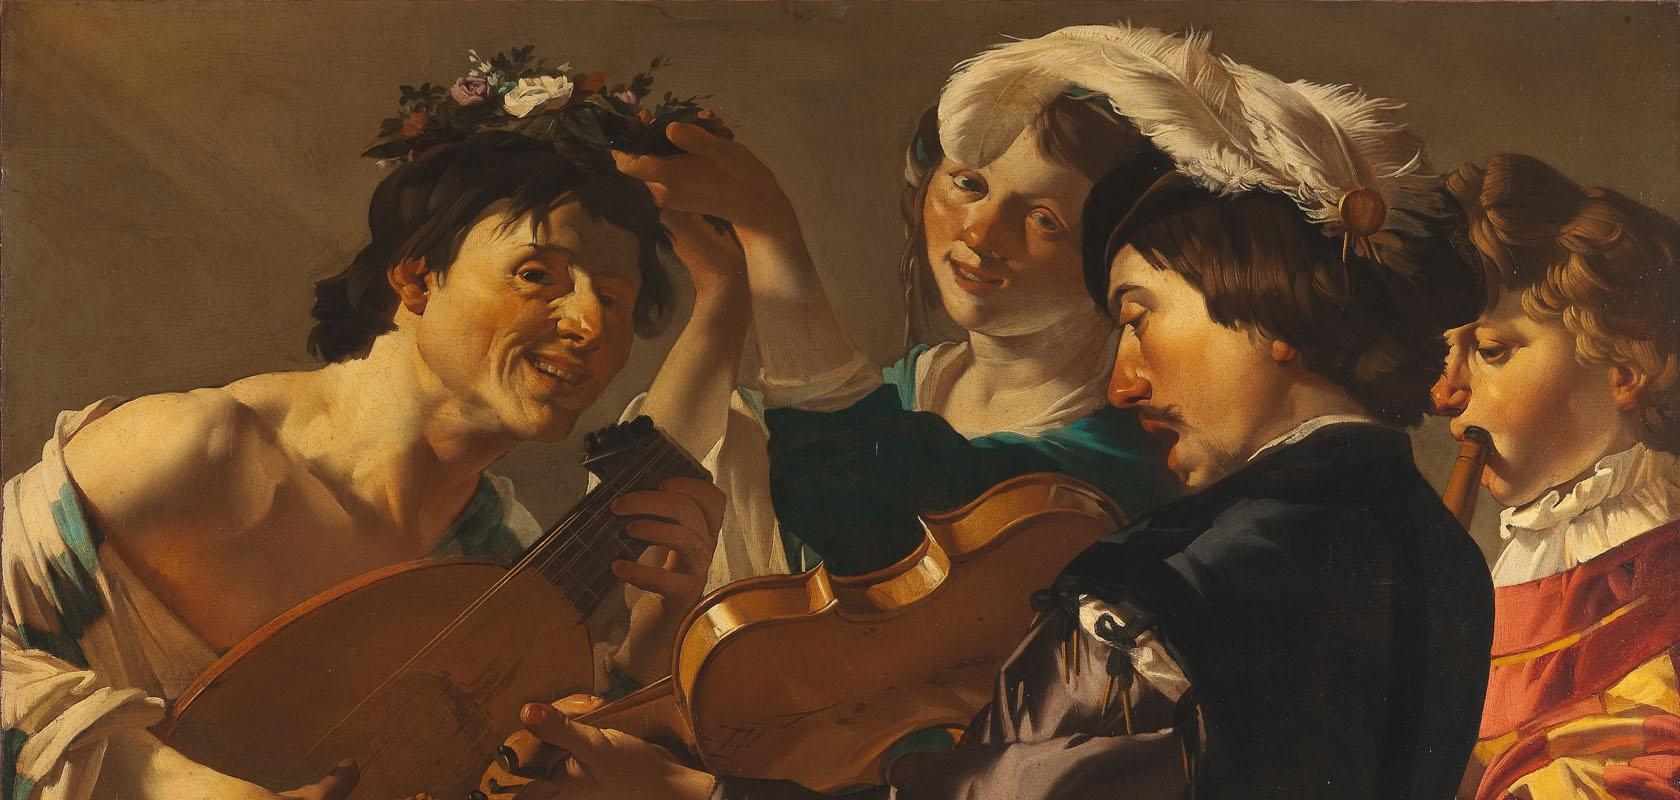 Dirck-van-Baburen-Concert-1623-State-Hermitage-Museum-St-Petersburg